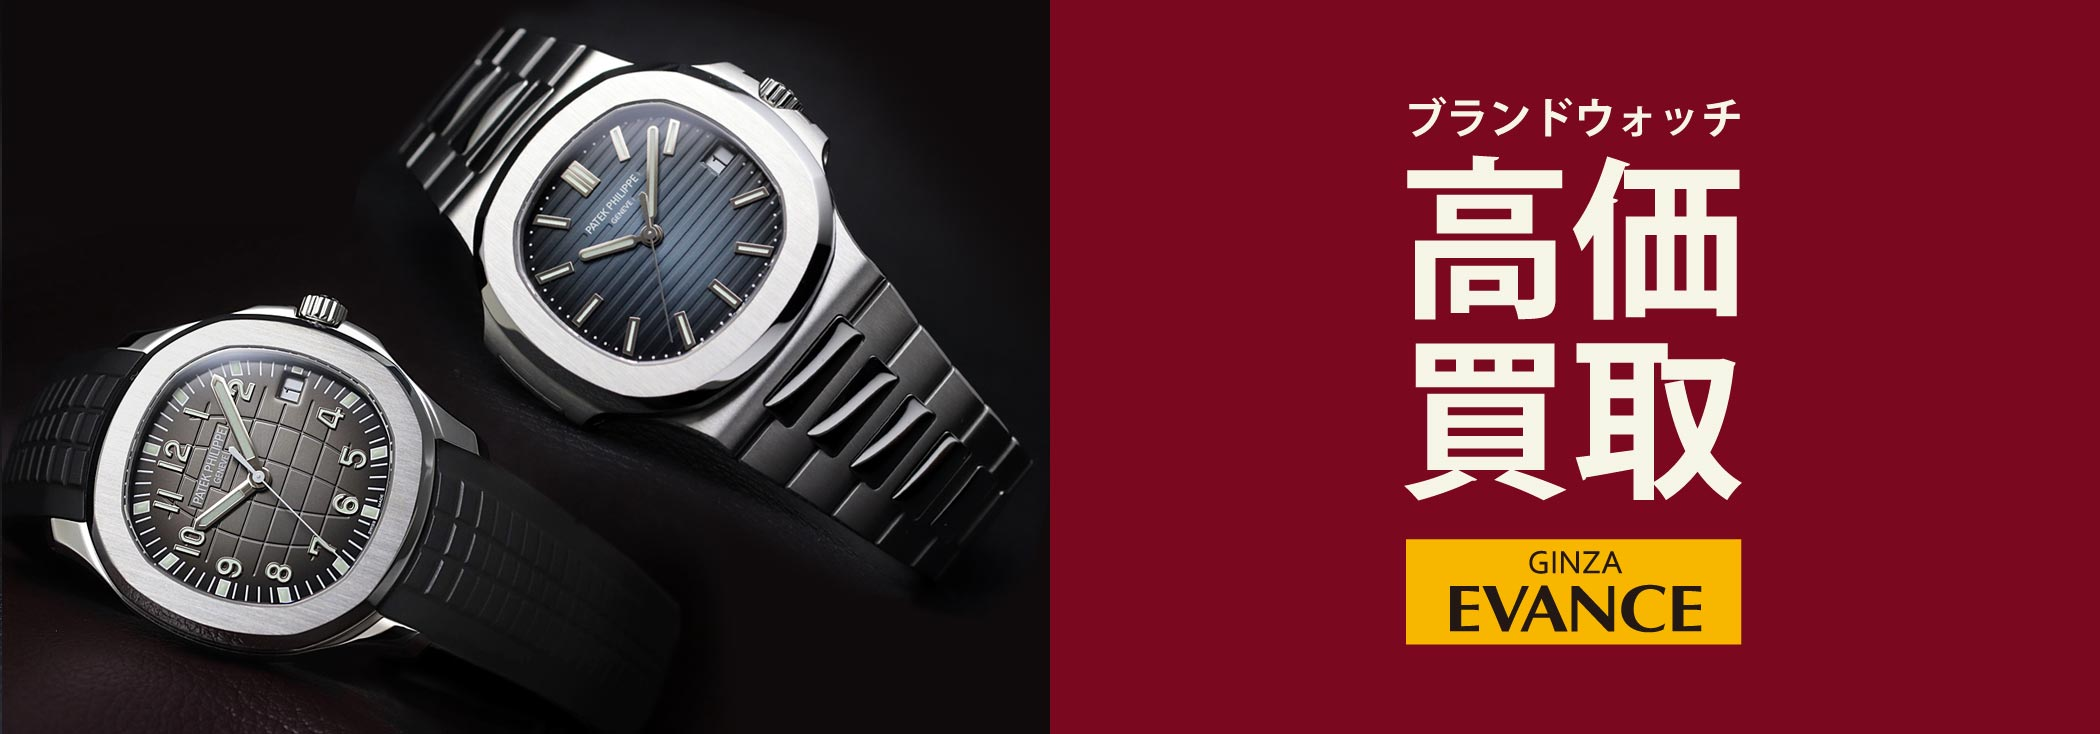 ブランド時計 高価買取